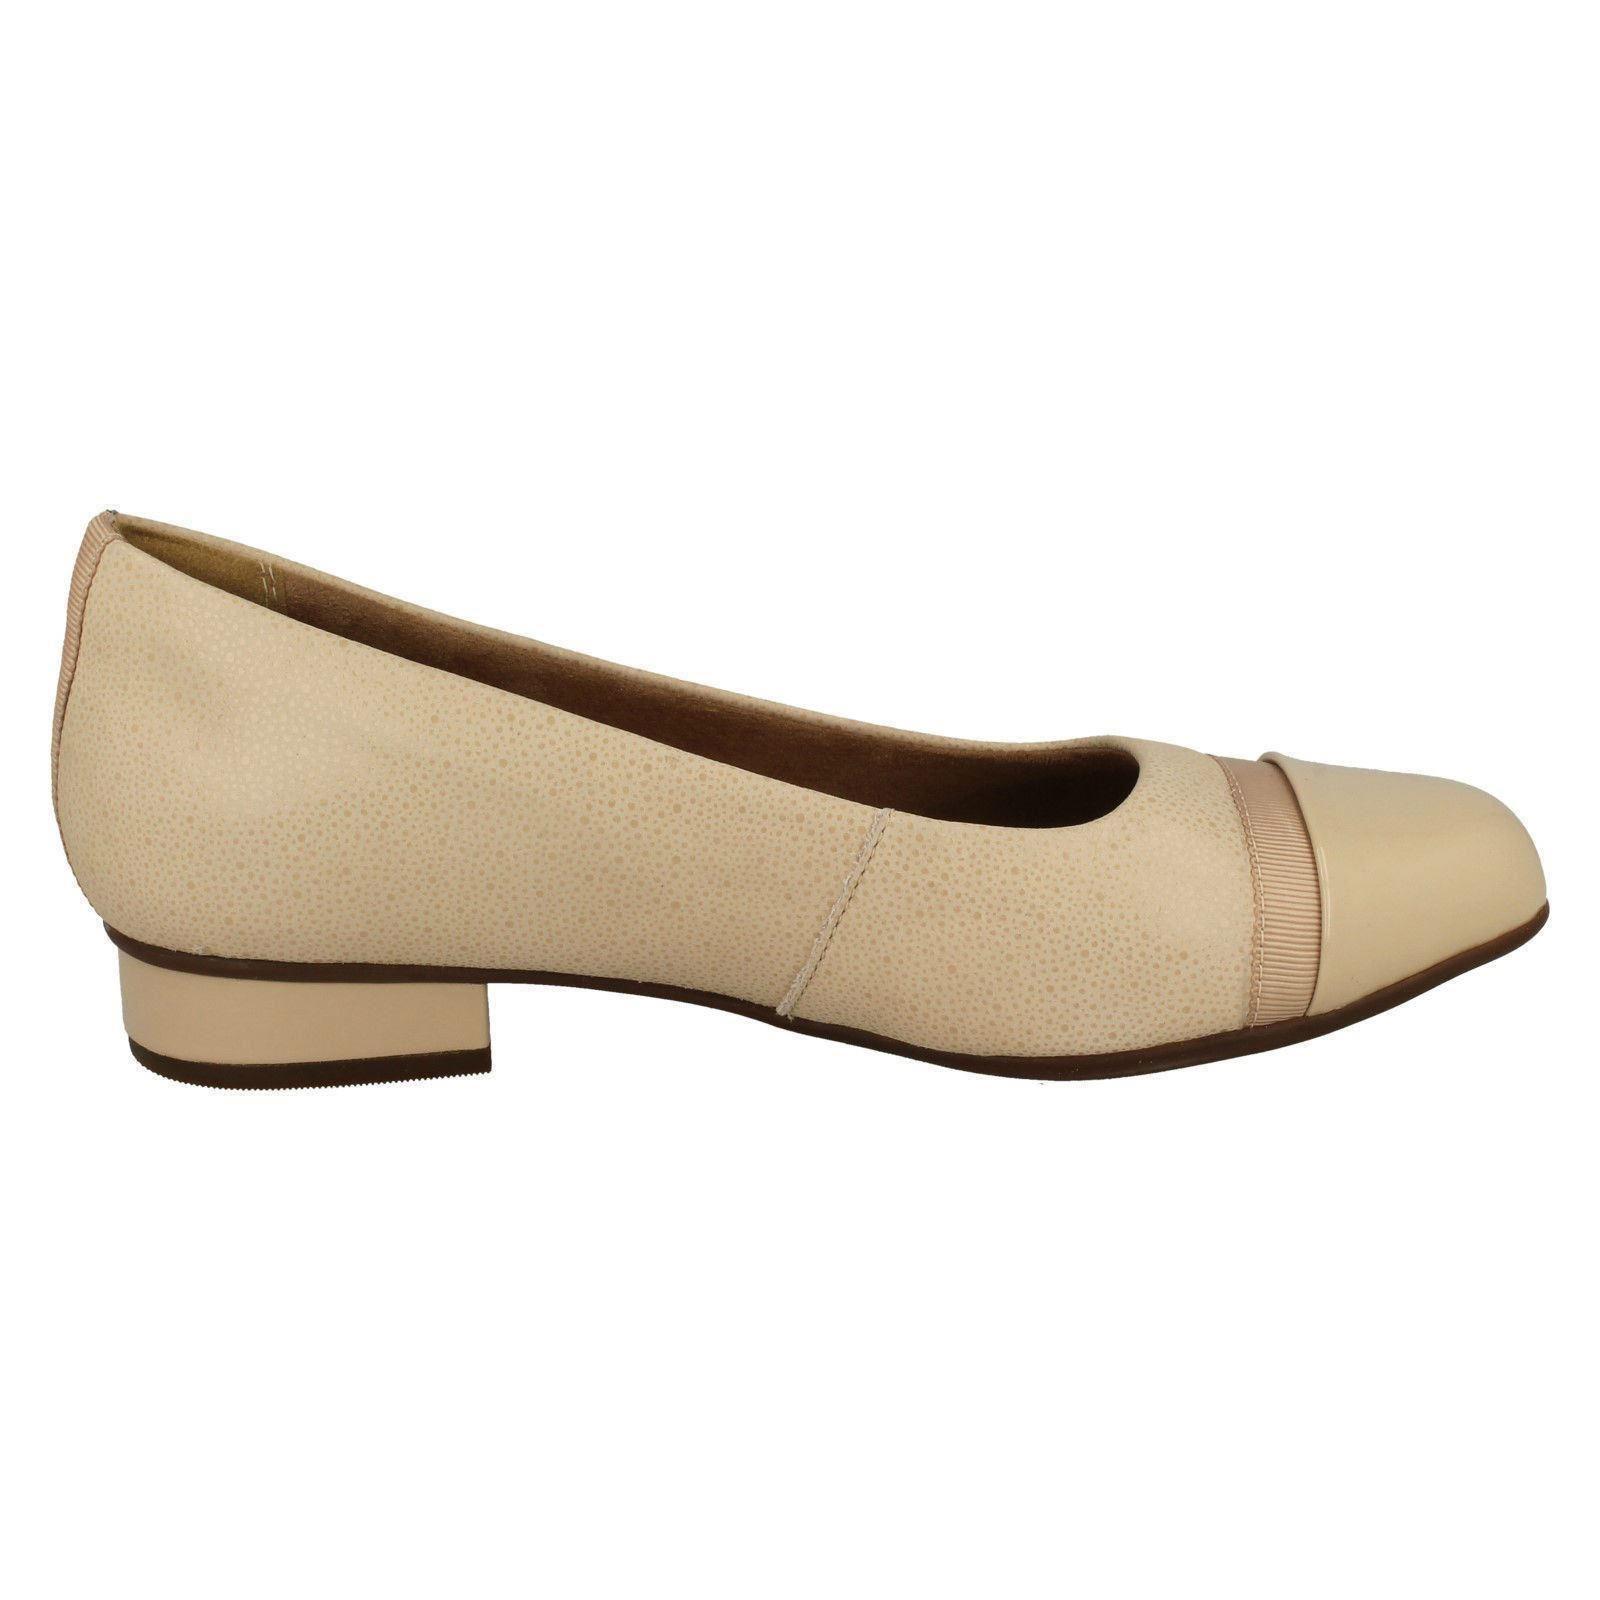 Damen-Clarks-Slipper-Leder-Ballerina-Stil-Flache-Keesha-Rosa Indexbild 43